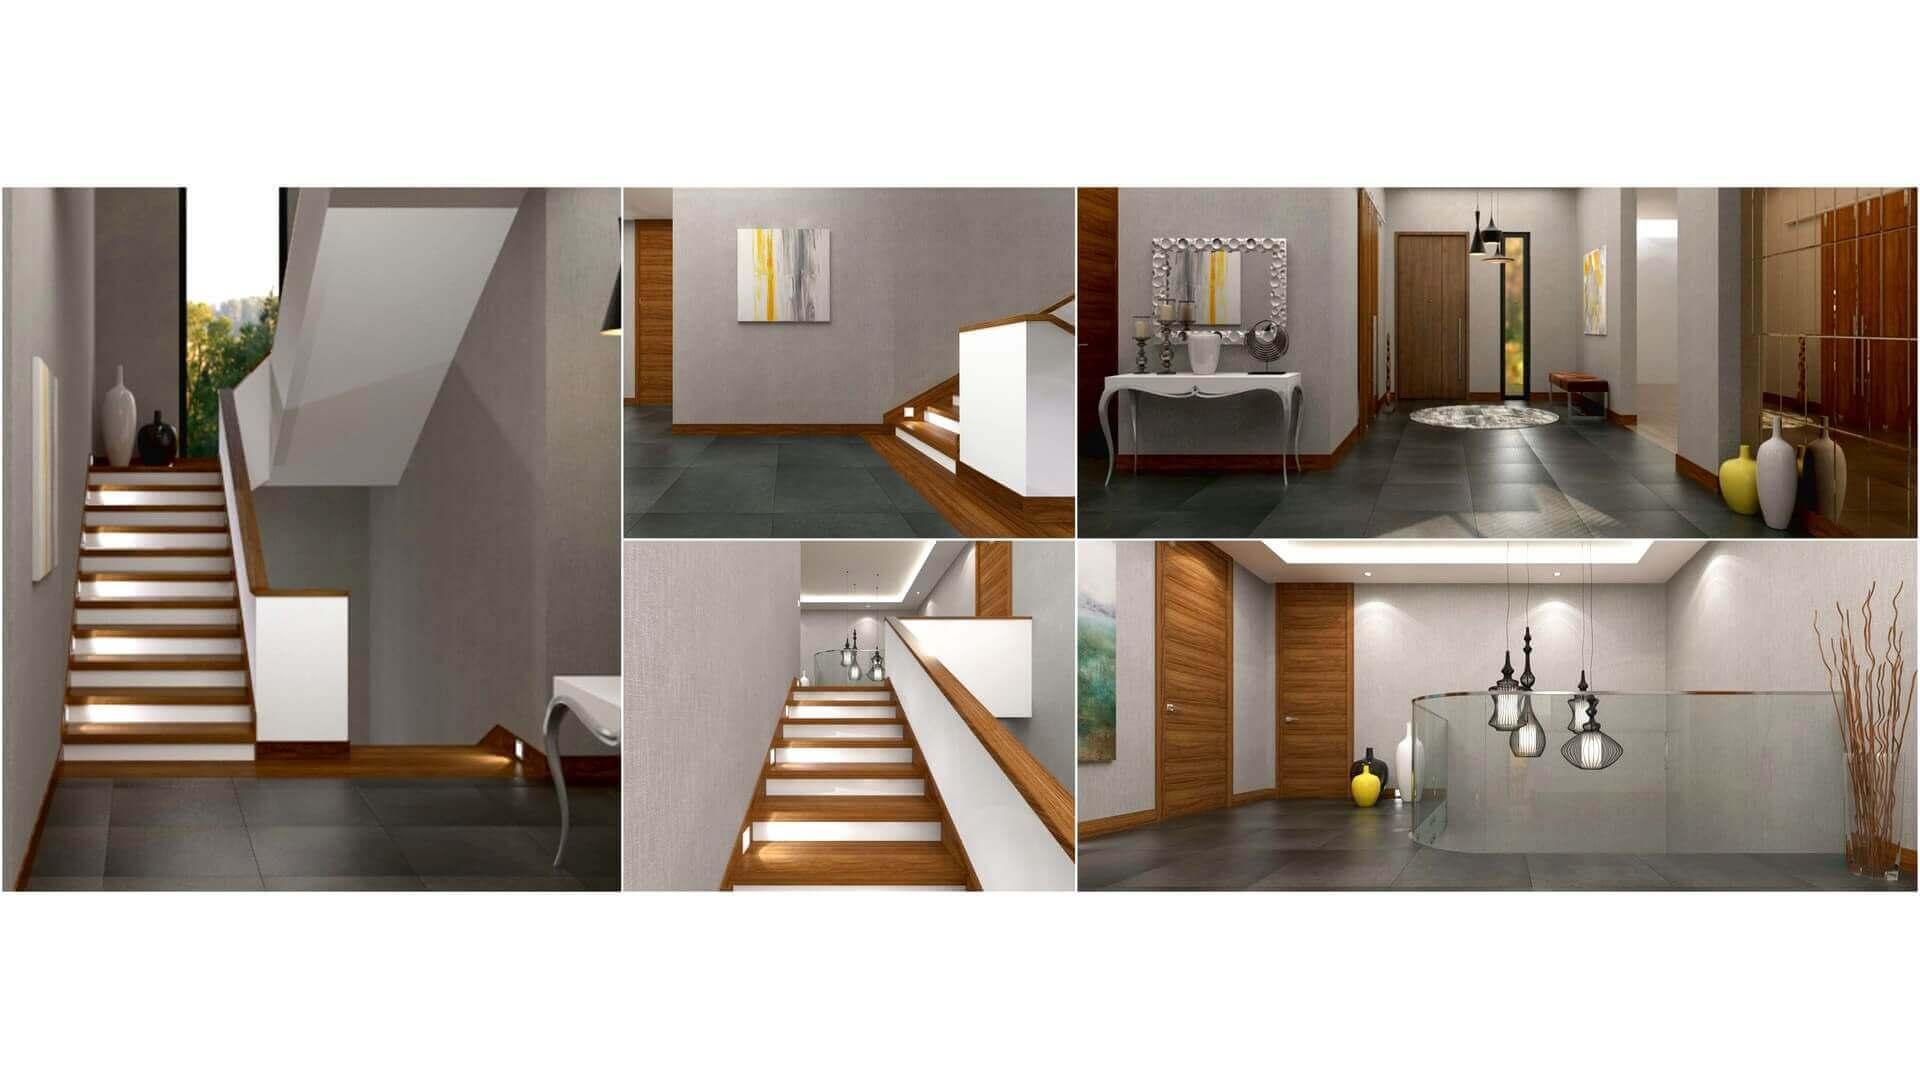 home inspiration 2940 E. Uslu Konutu Residential